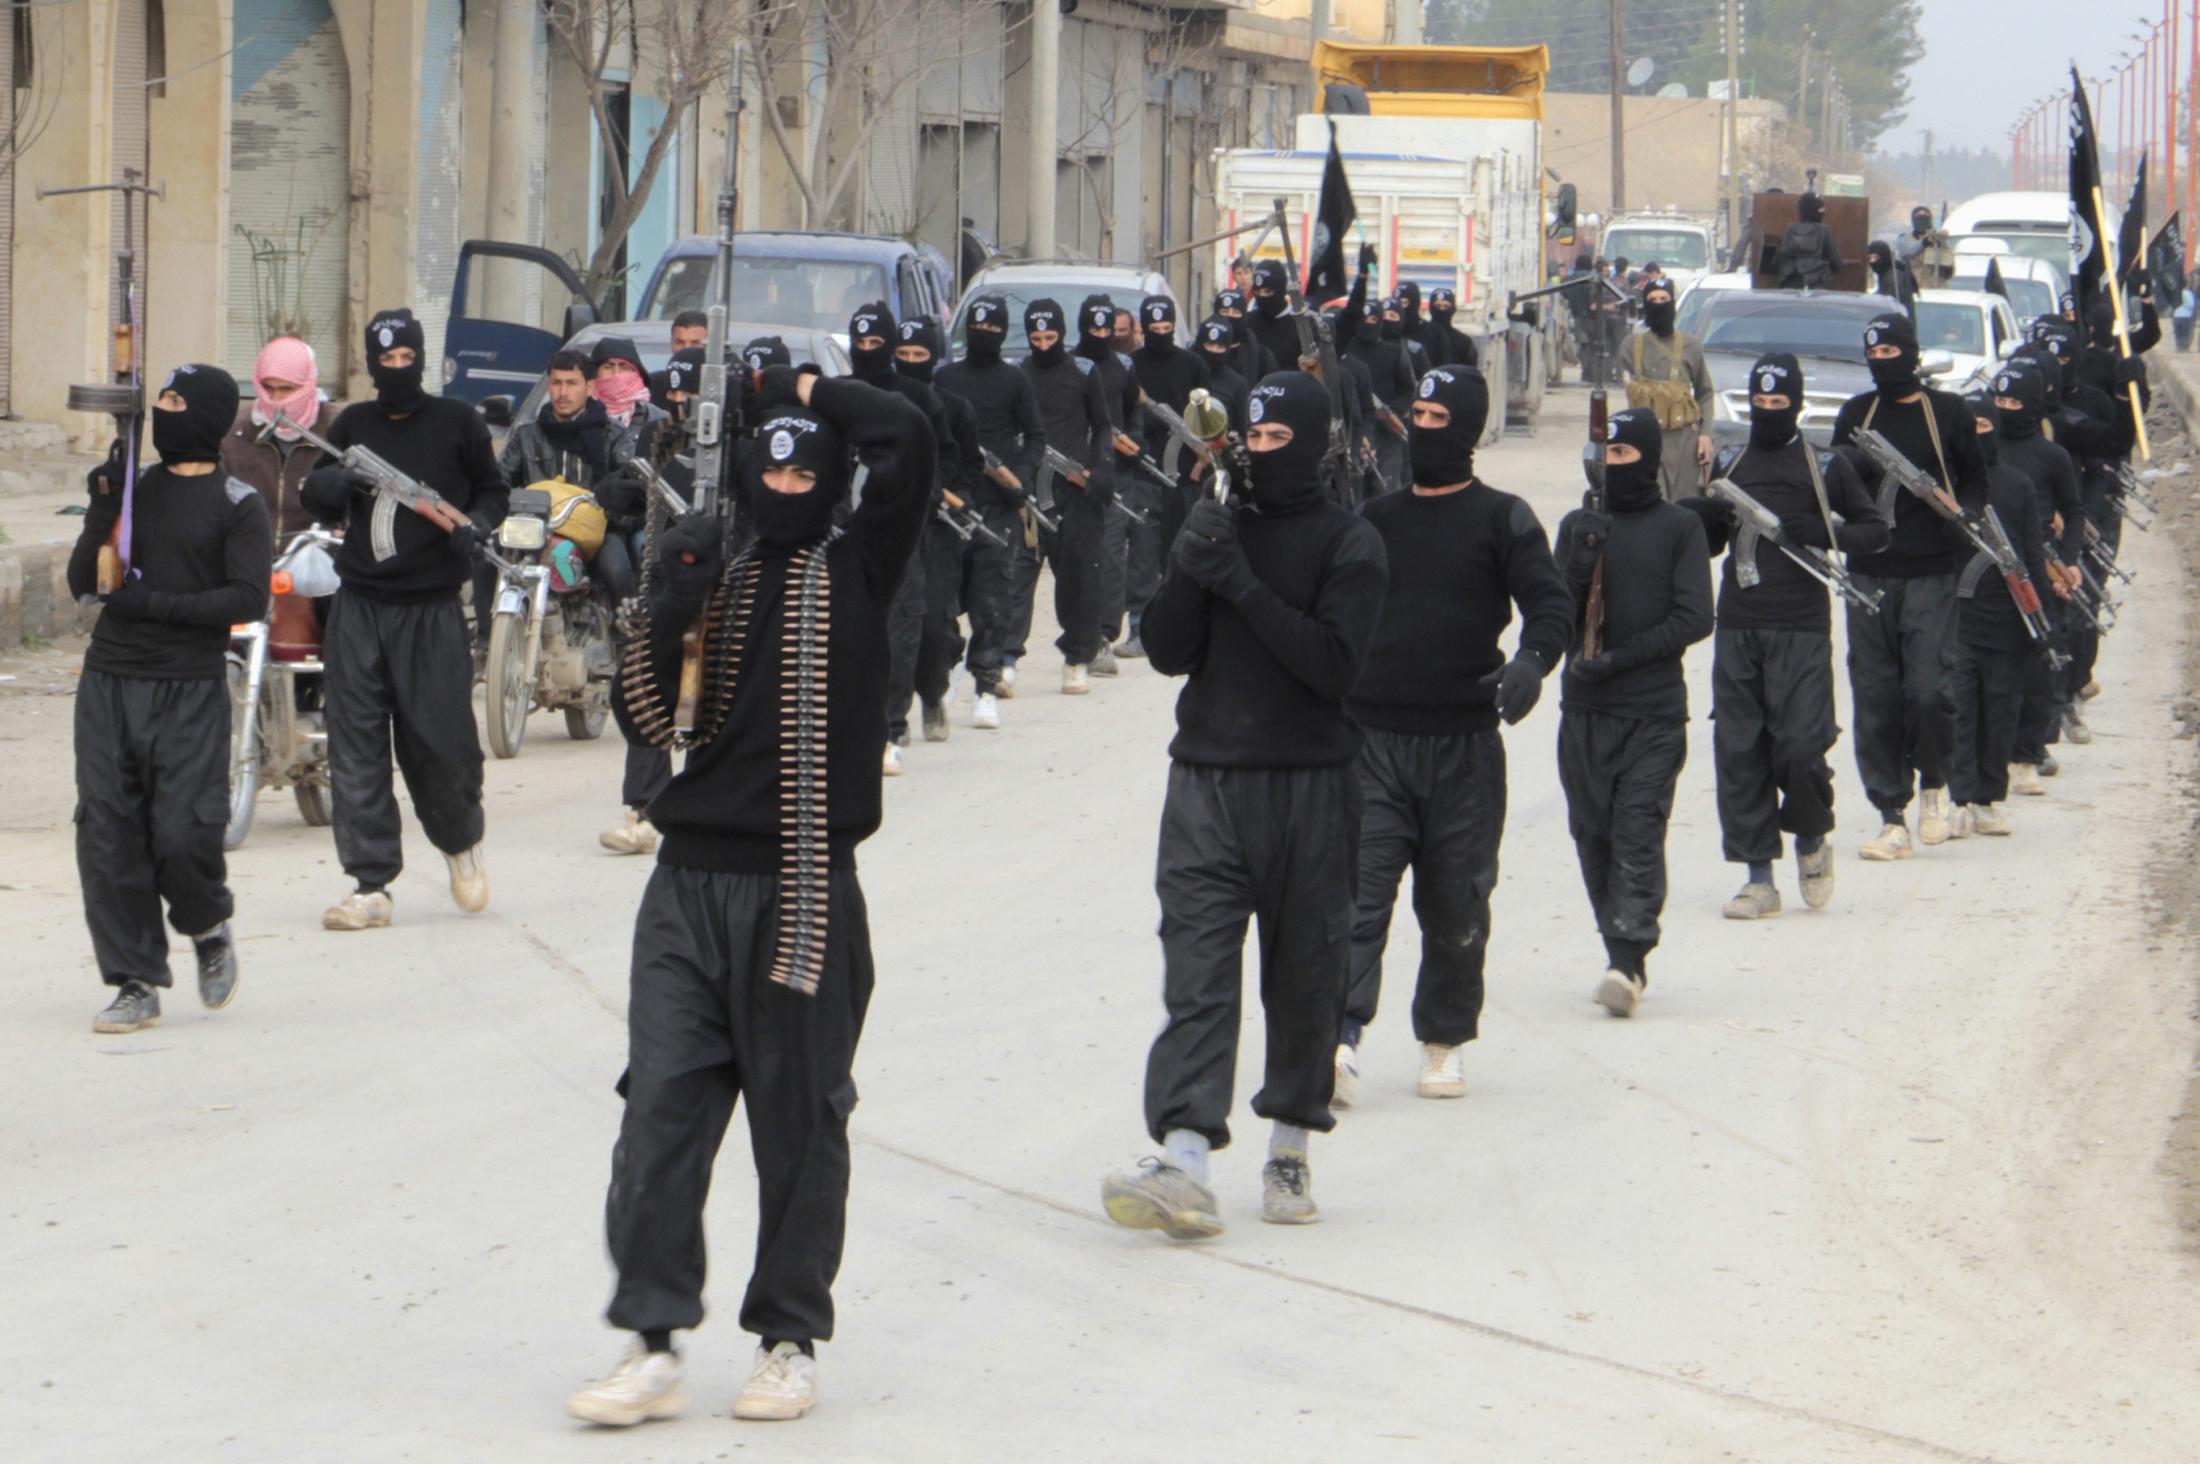 al qaeda and the taliban current relationship interview